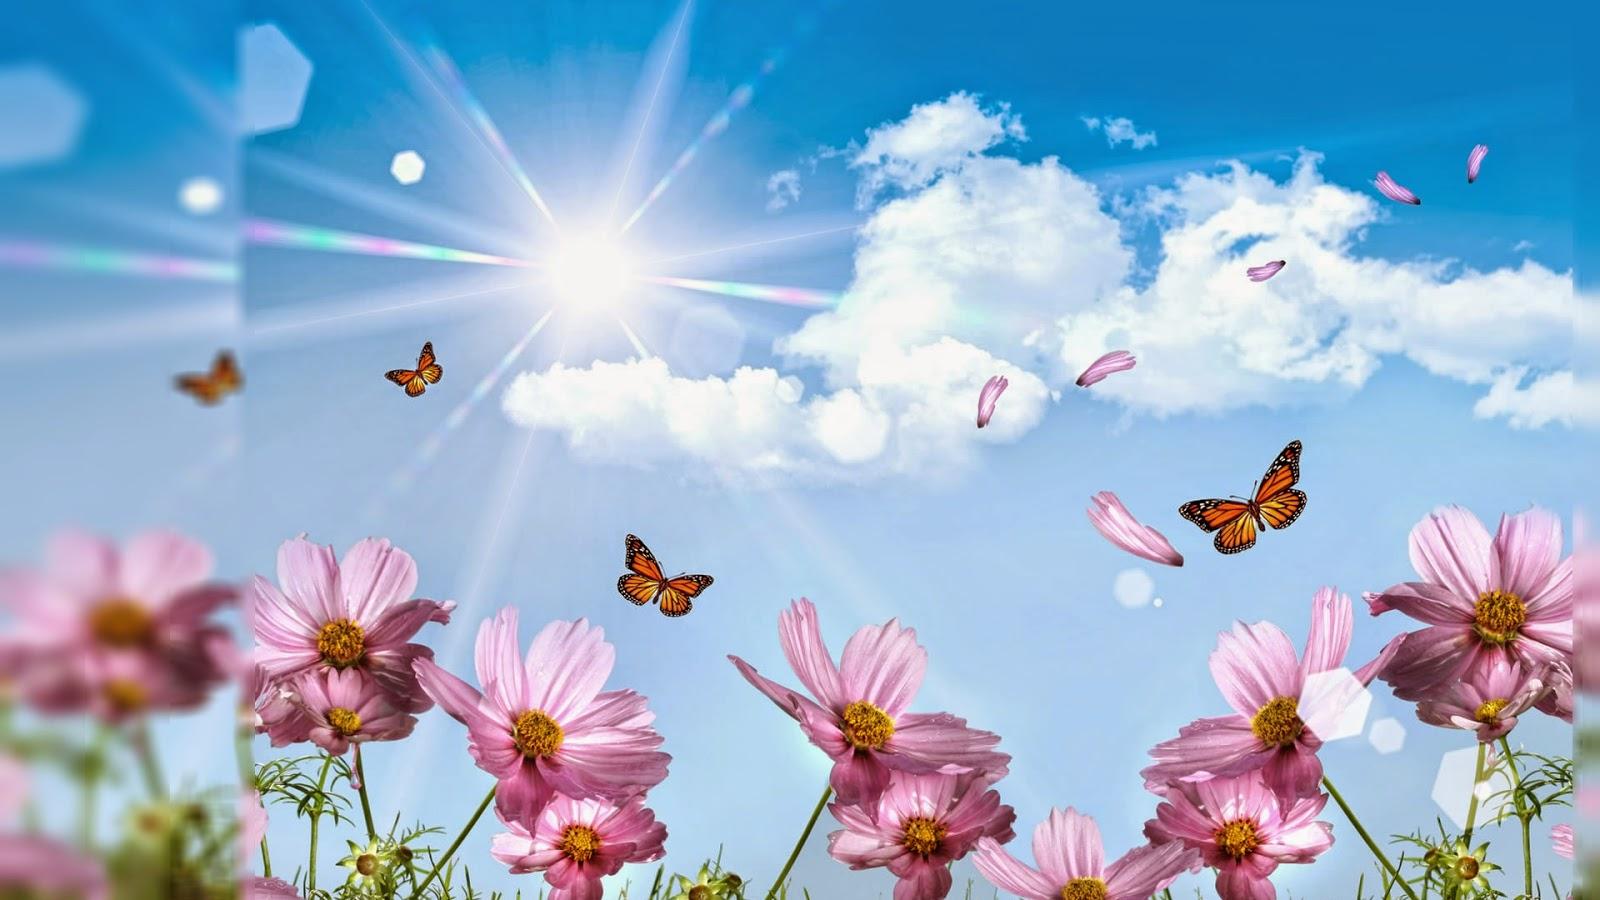 Great Flowers Wallpaper Desktop Background Full Screen cokolwiekap 1600x900